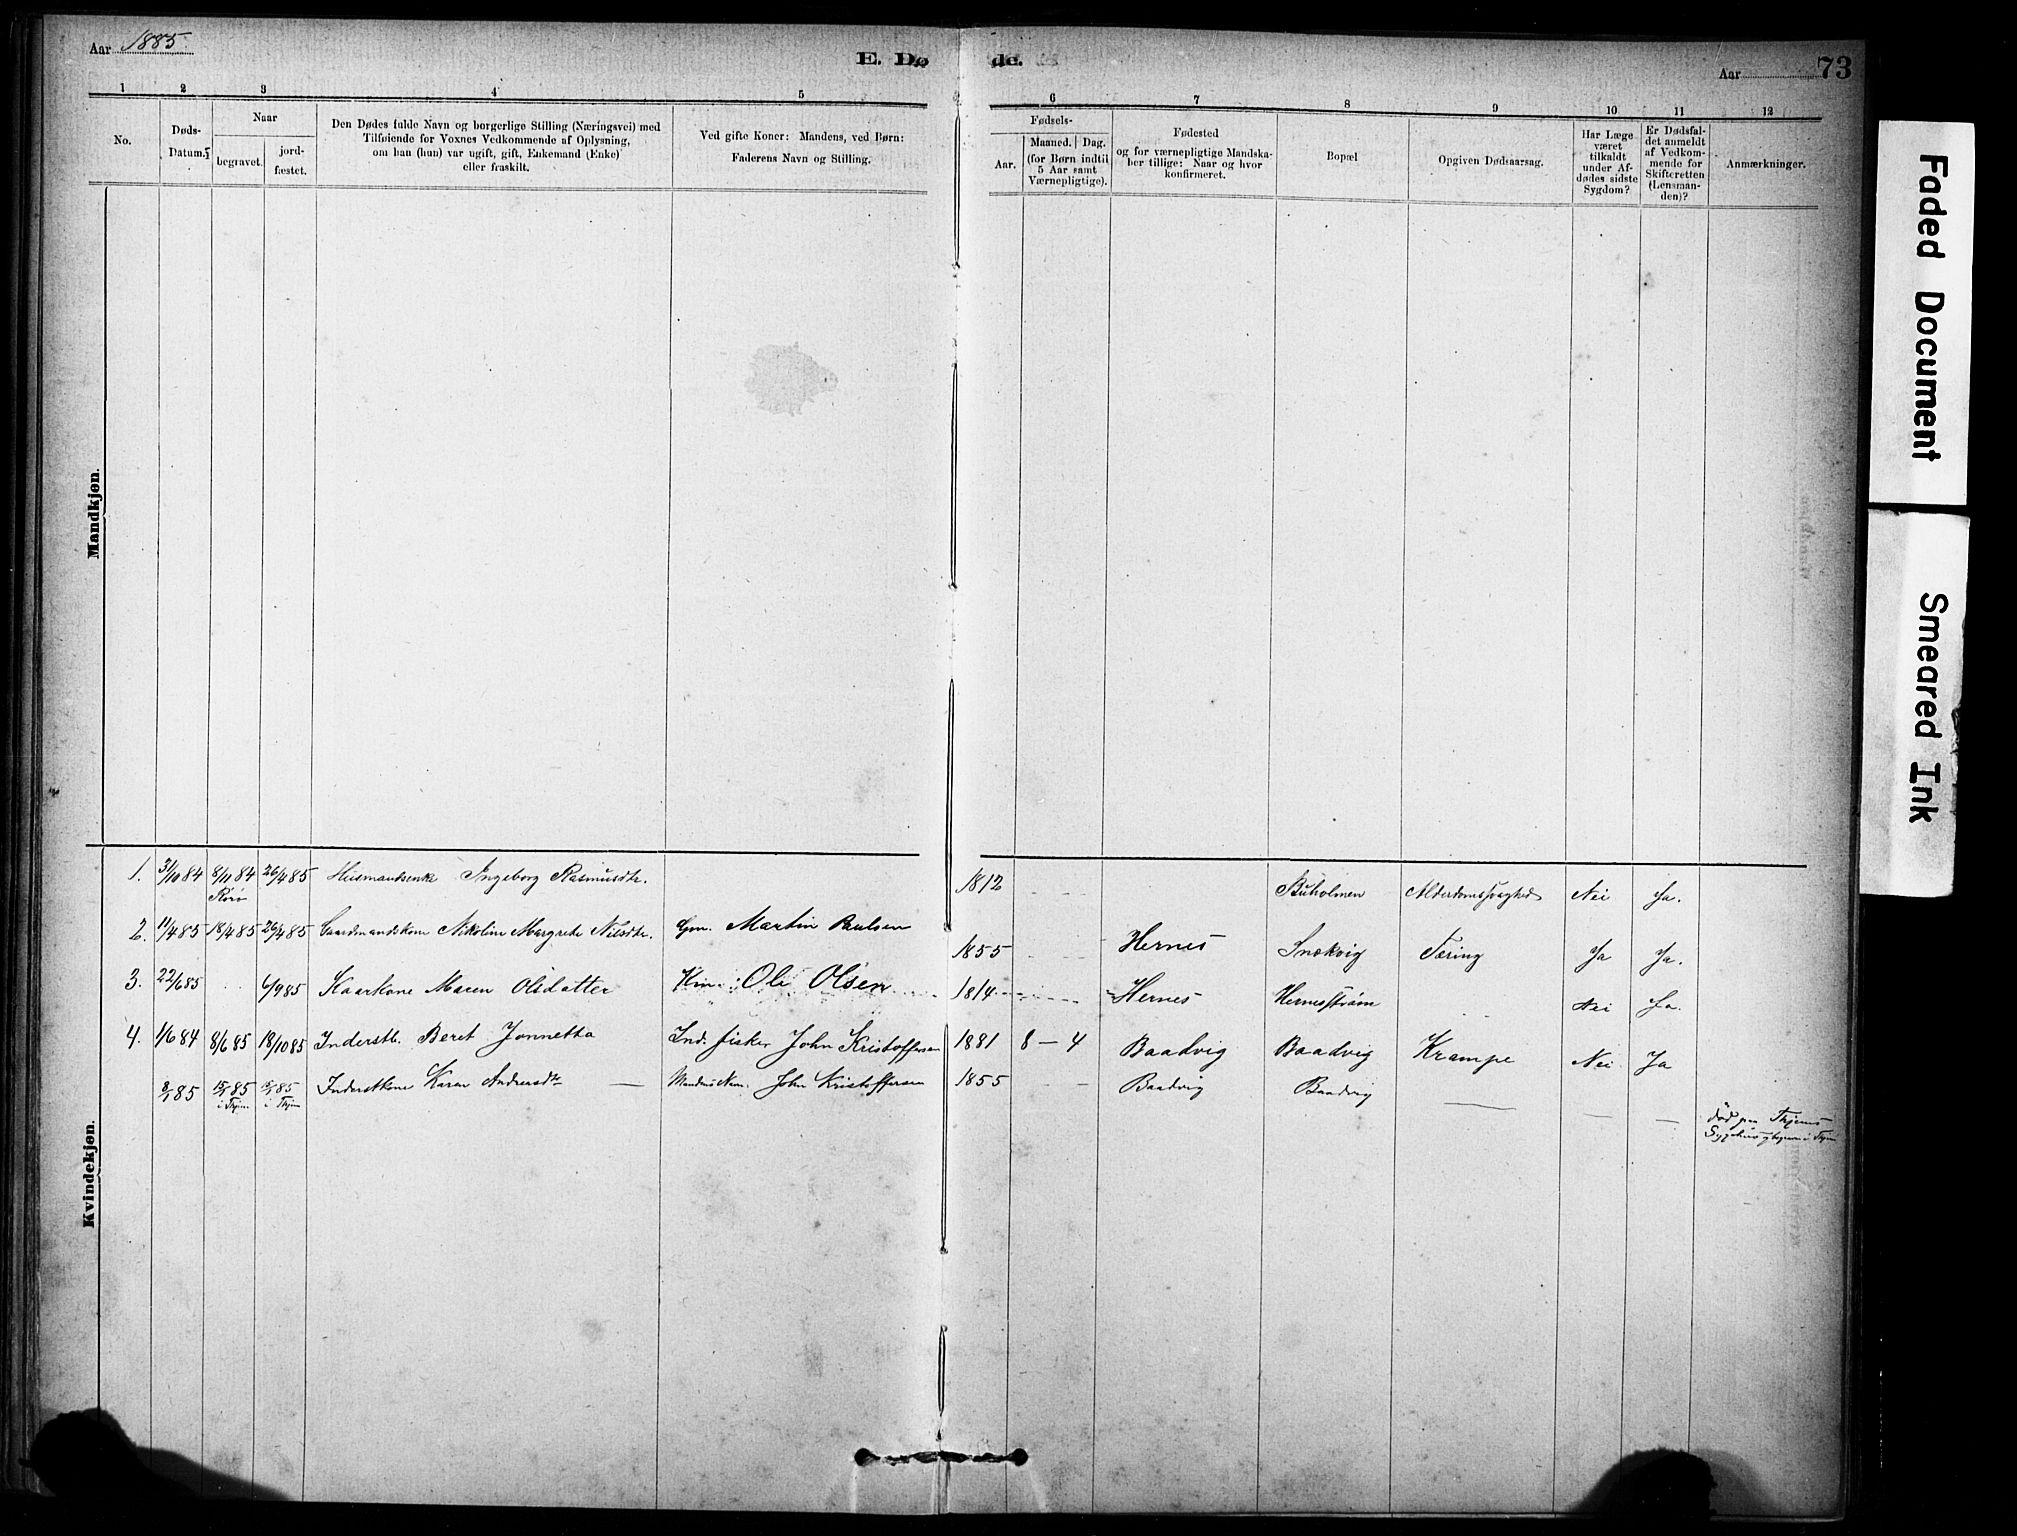 SAT, Ministerialprotokoller, klokkerbøker og fødselsregistre - Sør-Trøndelag, 635/L0551: Ministerialbok nr. 635A01, 1882-1899, s. 73